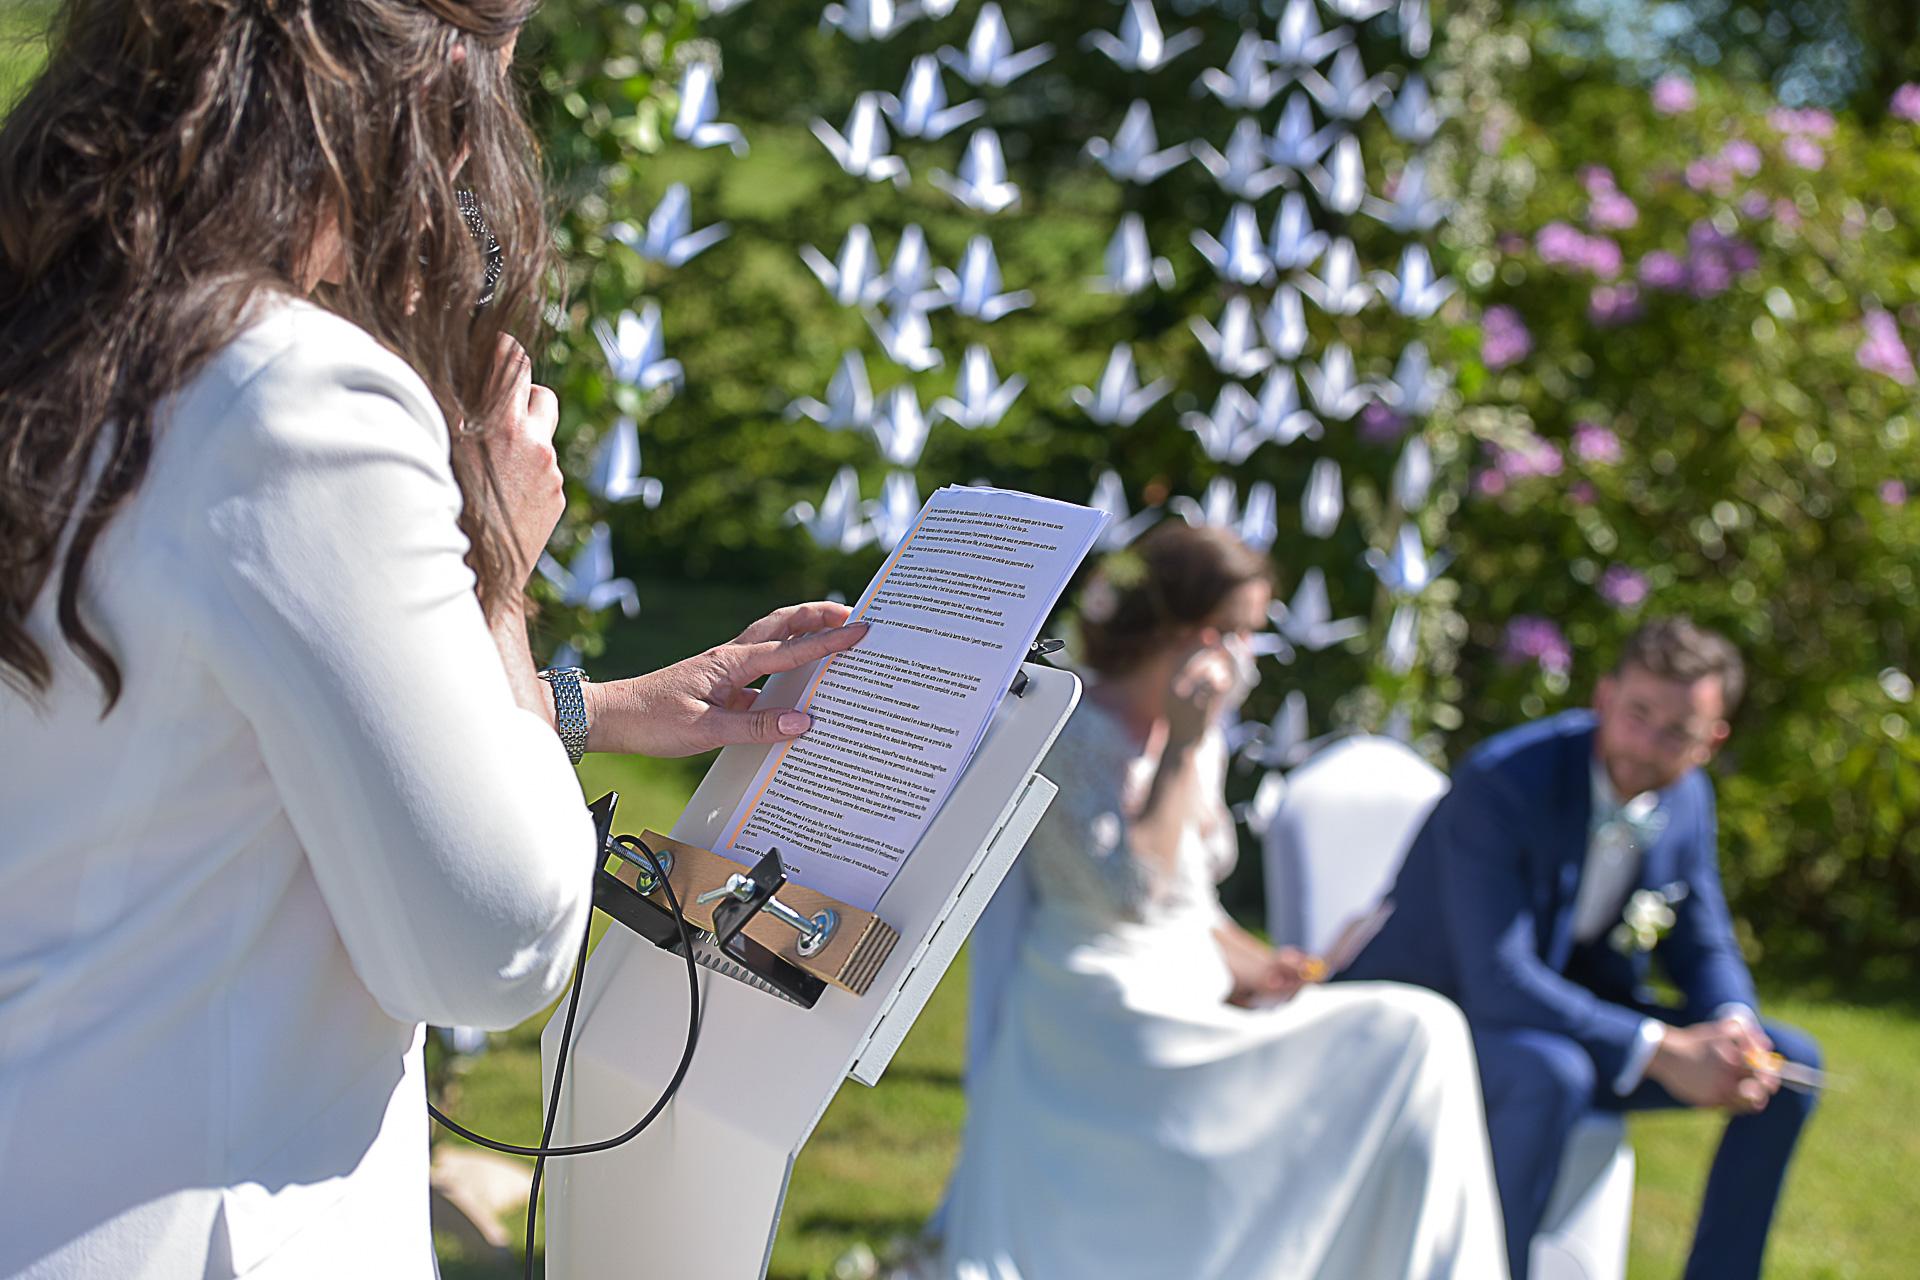 photographe-mariage-discours-ceremonie-laique